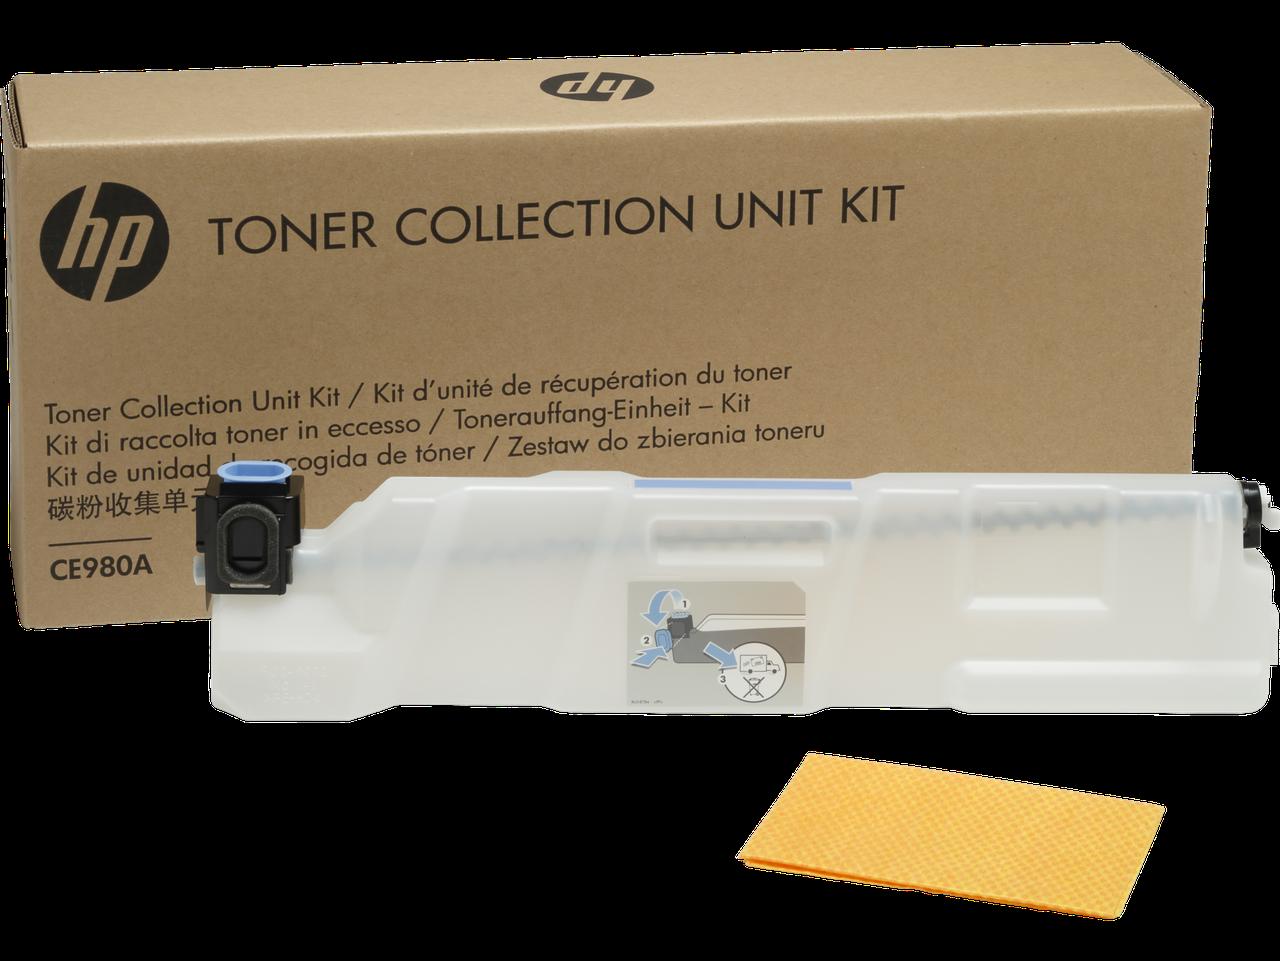 HP CE980A Емкость для сбора тонера для  LaserJet 700 CP5225, CP5225dn, CP5225n, M775dn M775, M775f, M775z, M77